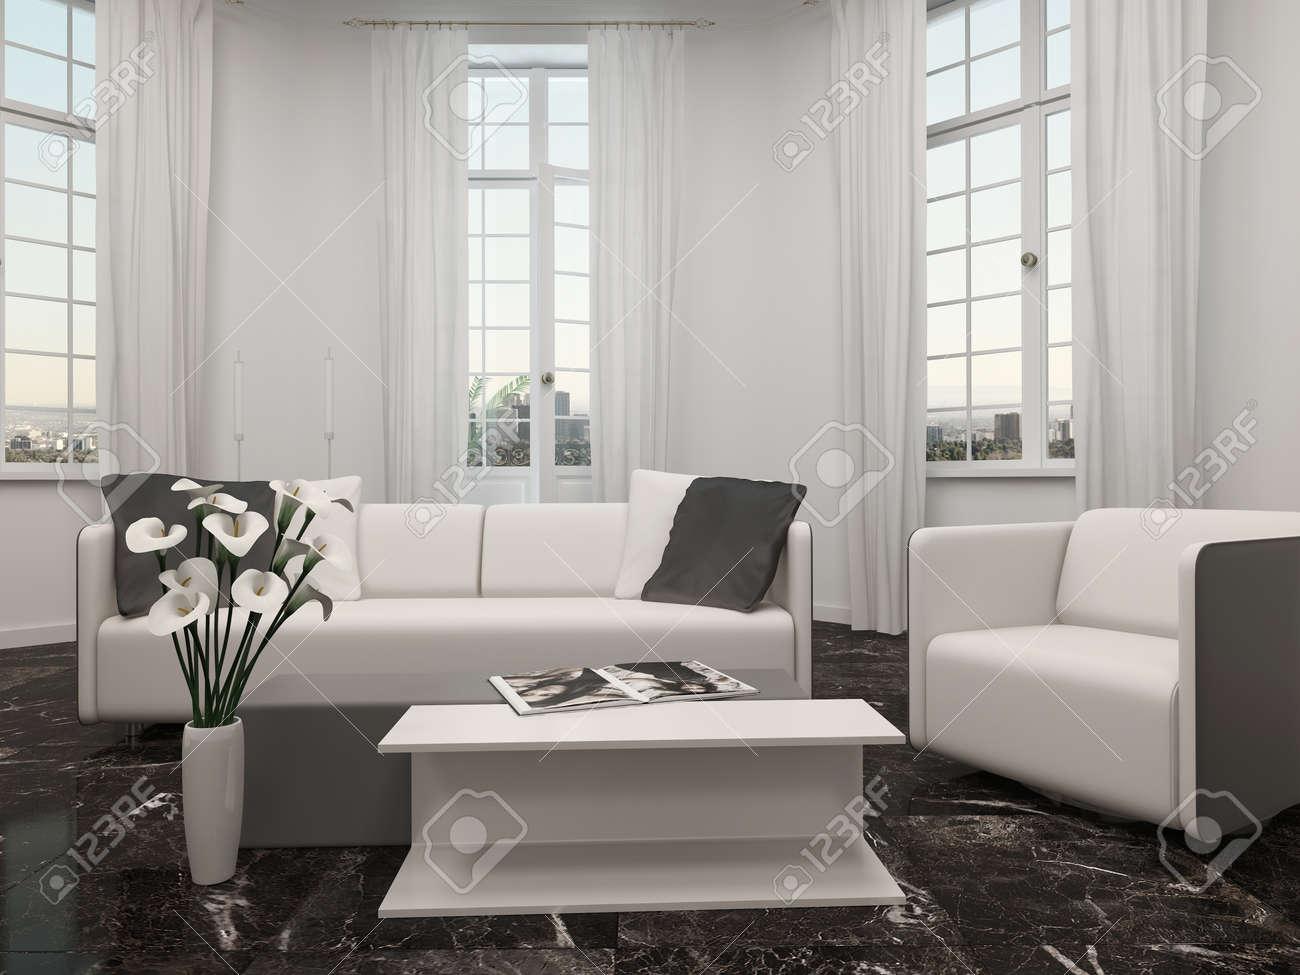 Luxus Wohnzimmer Innenraum Mit Erker Und Weissen Couch Lizenzfreie Bilder